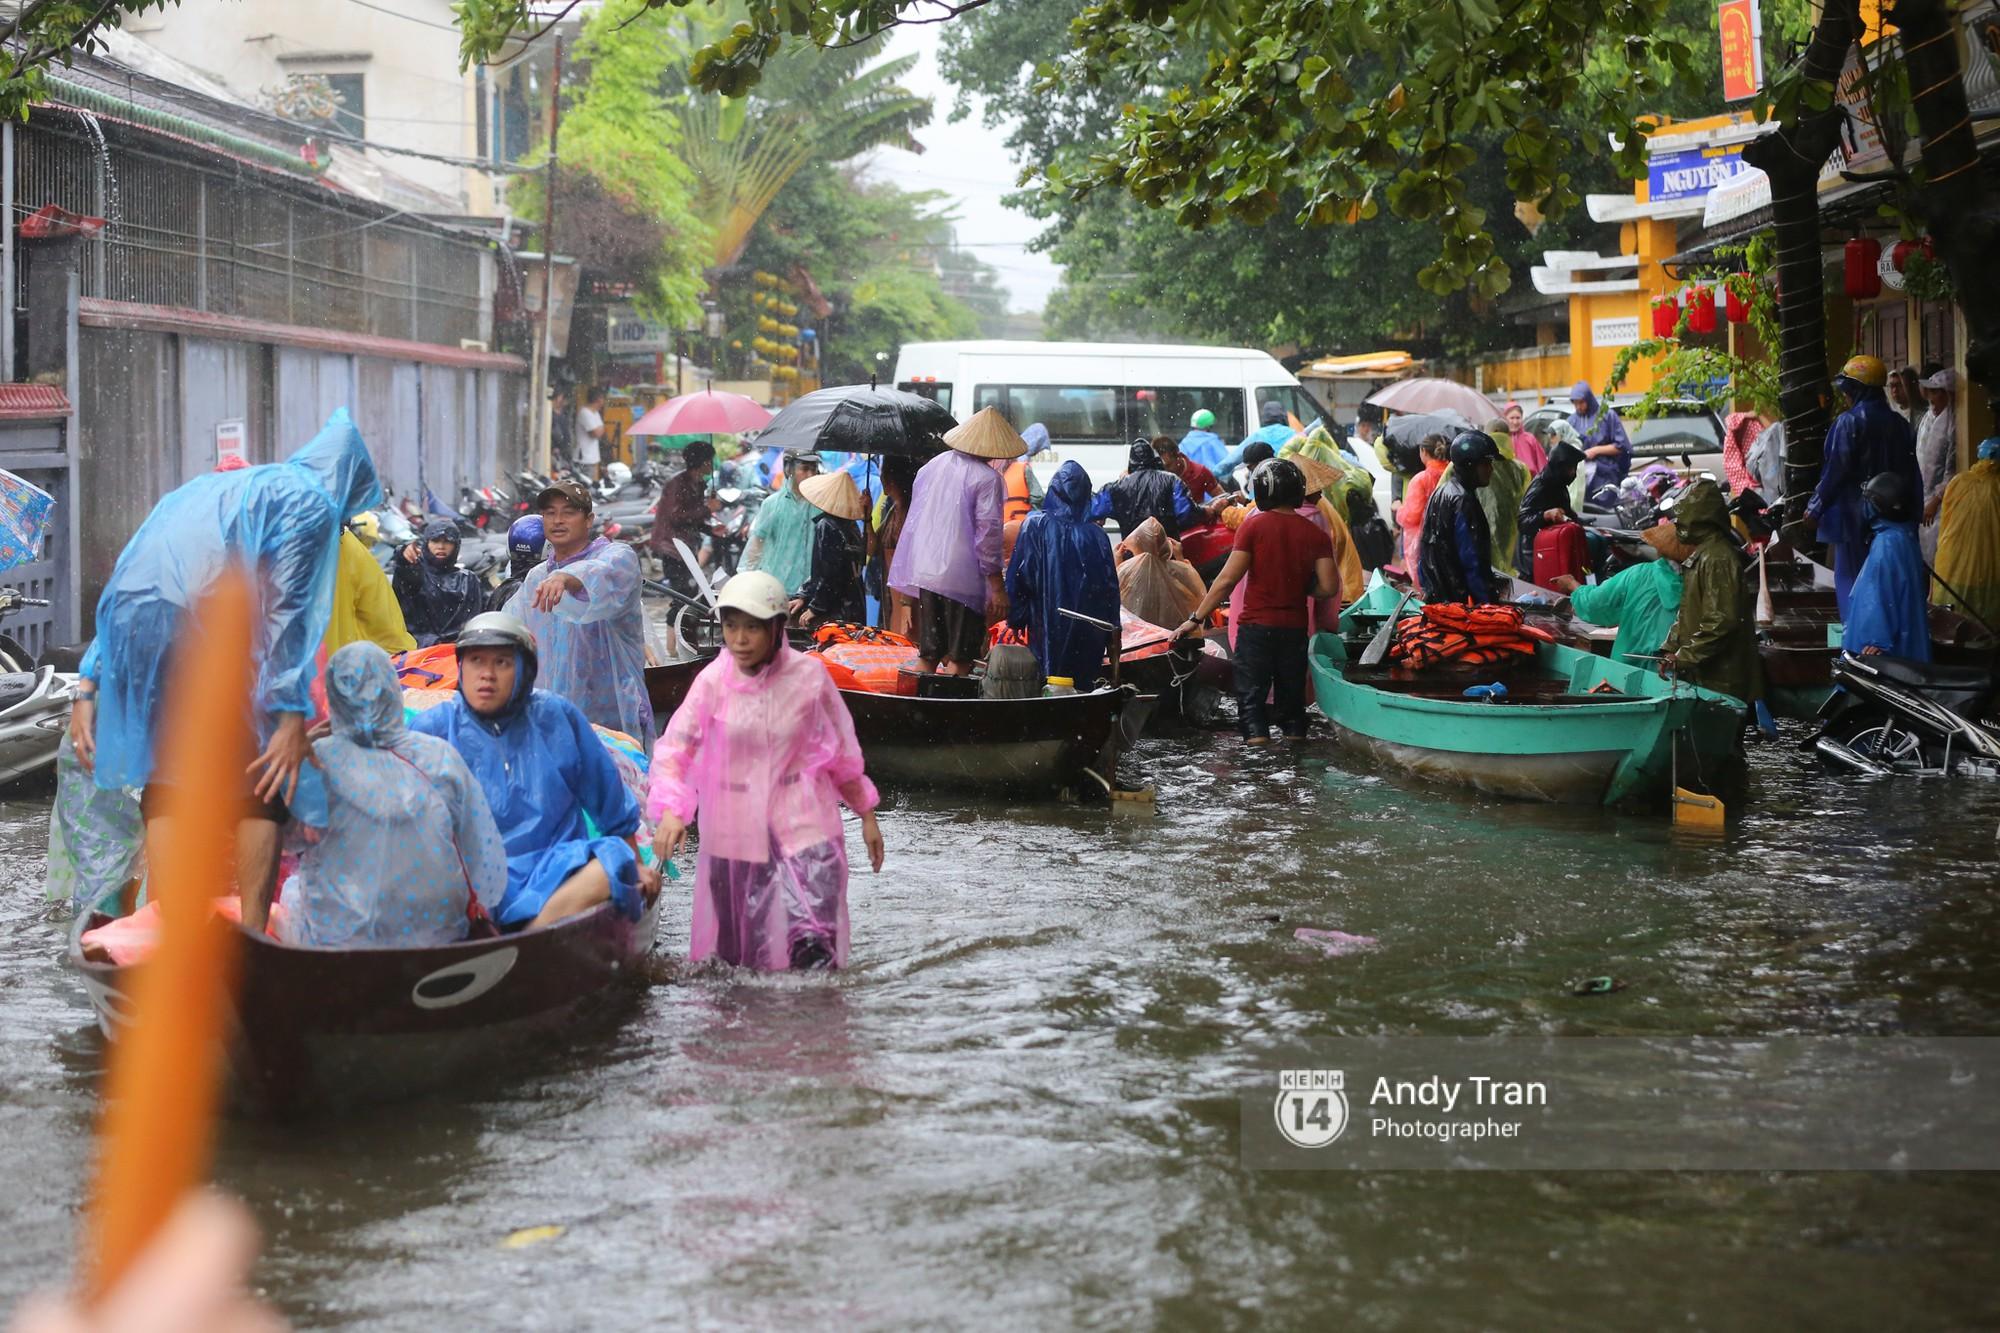 Chùm ảnh: Hội An nước ngập thành sông do ảnh hưởng của bão, người dân và du khách chật vật dùng thuyền bè di chuyển - Ảnh 23.